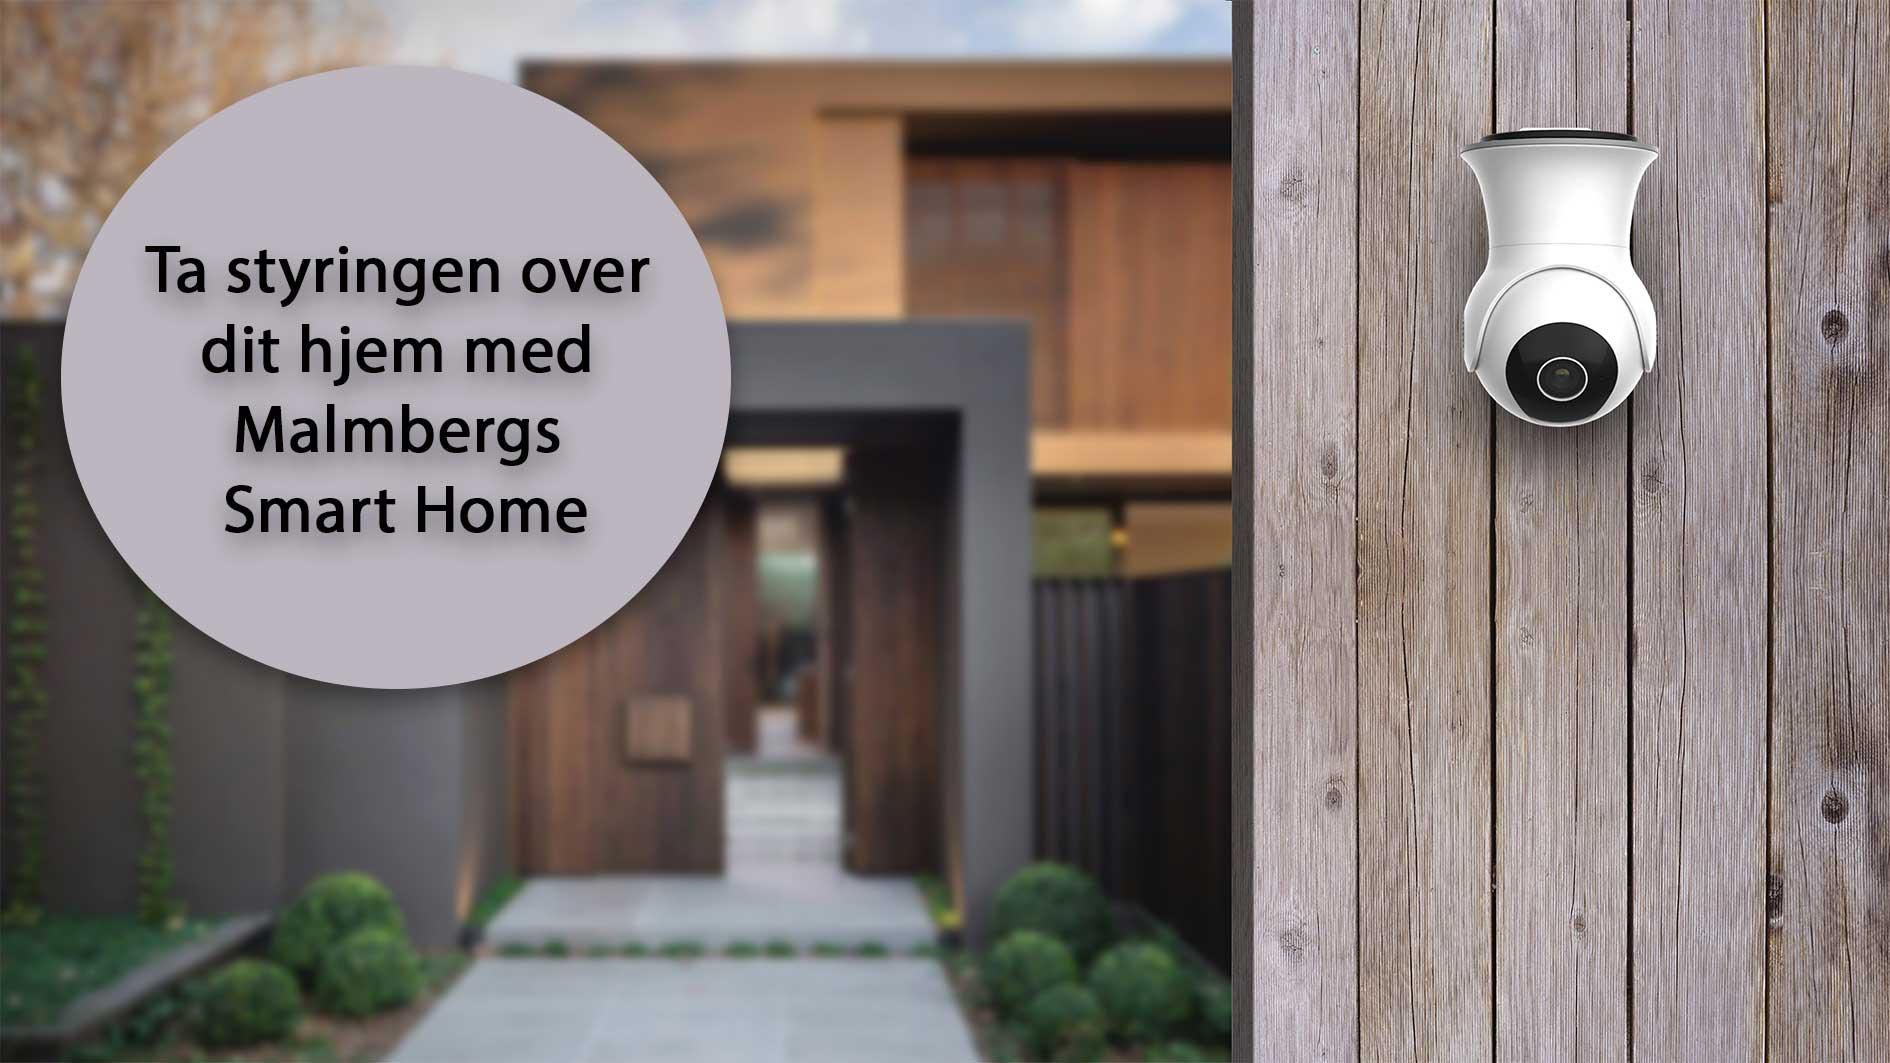 Smart Home Århus Djursland